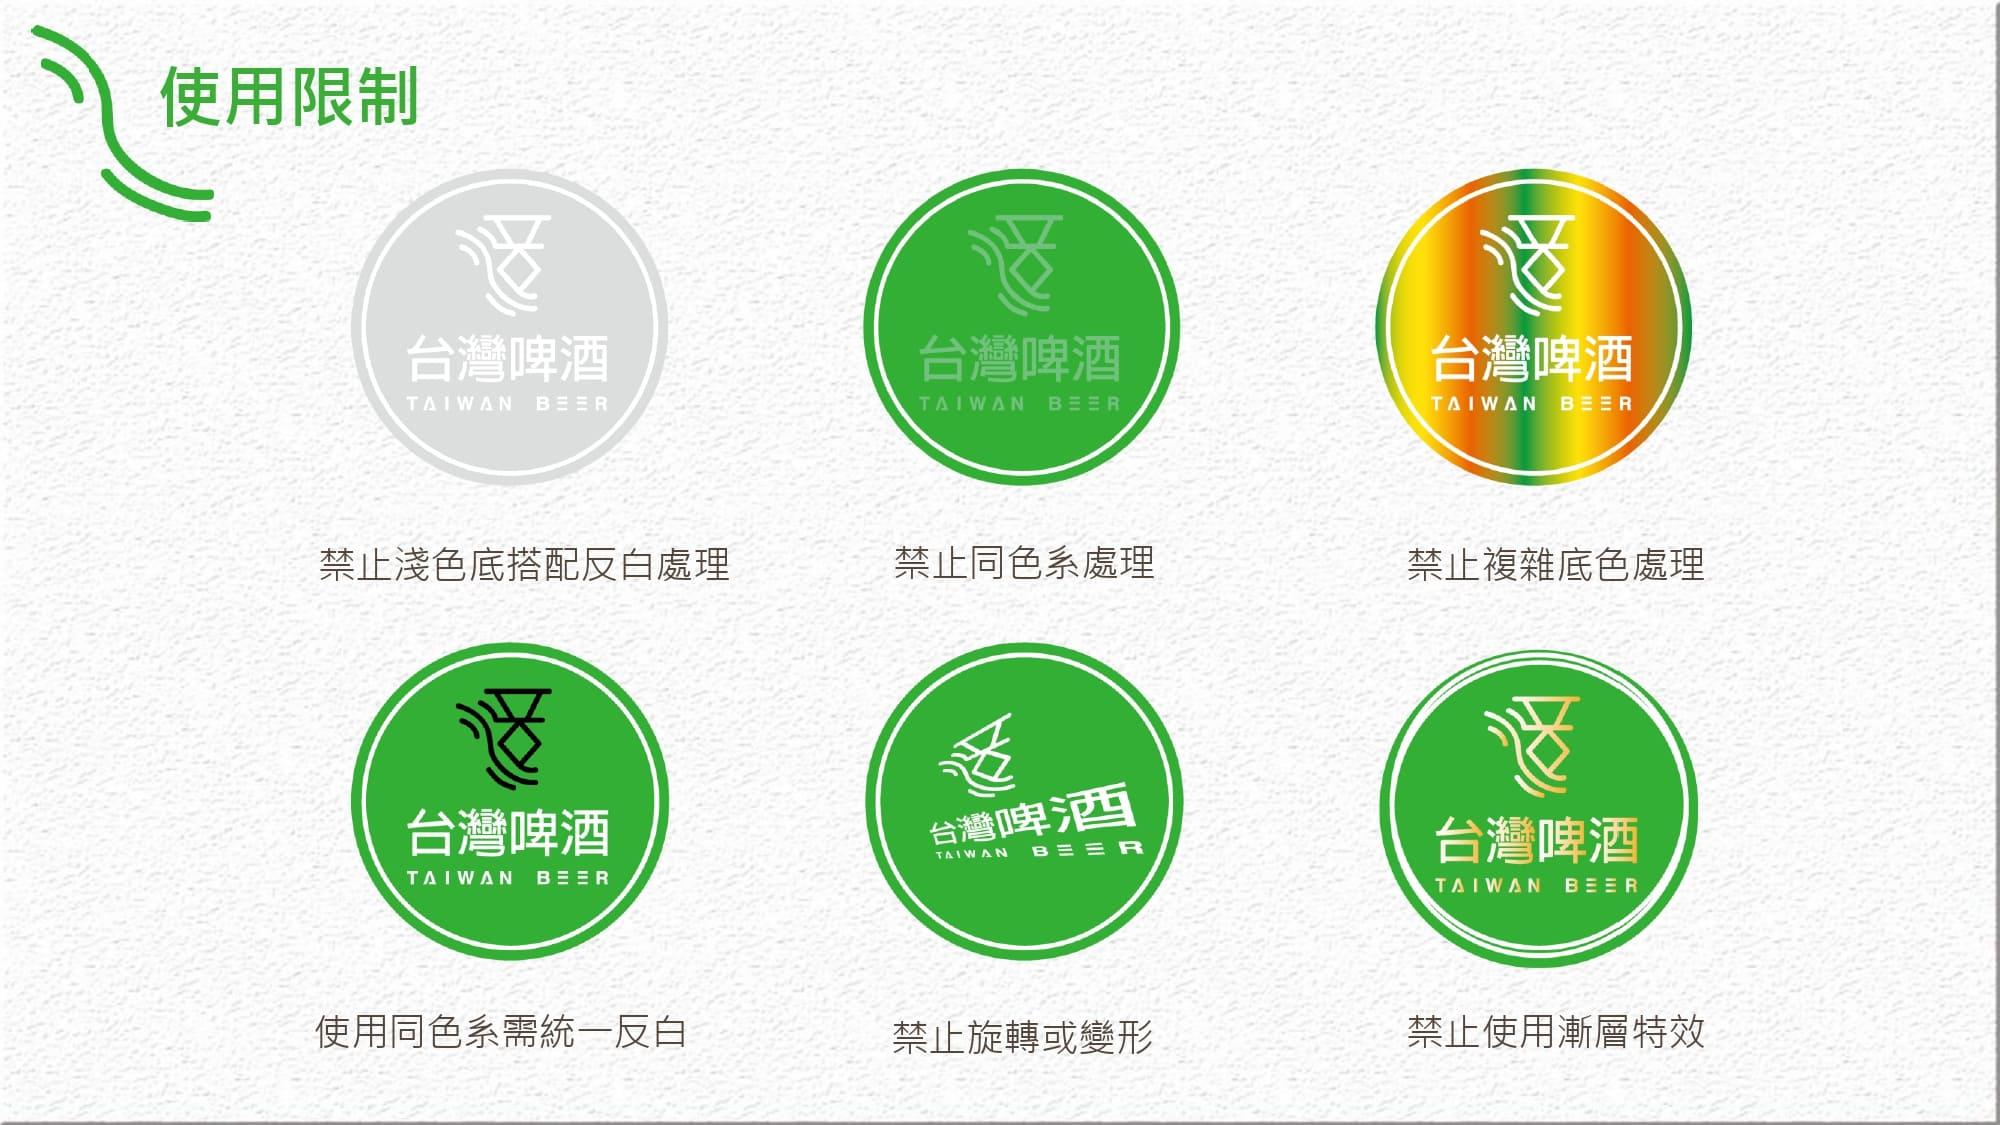 台灣啤酒108.4.23_page-0016